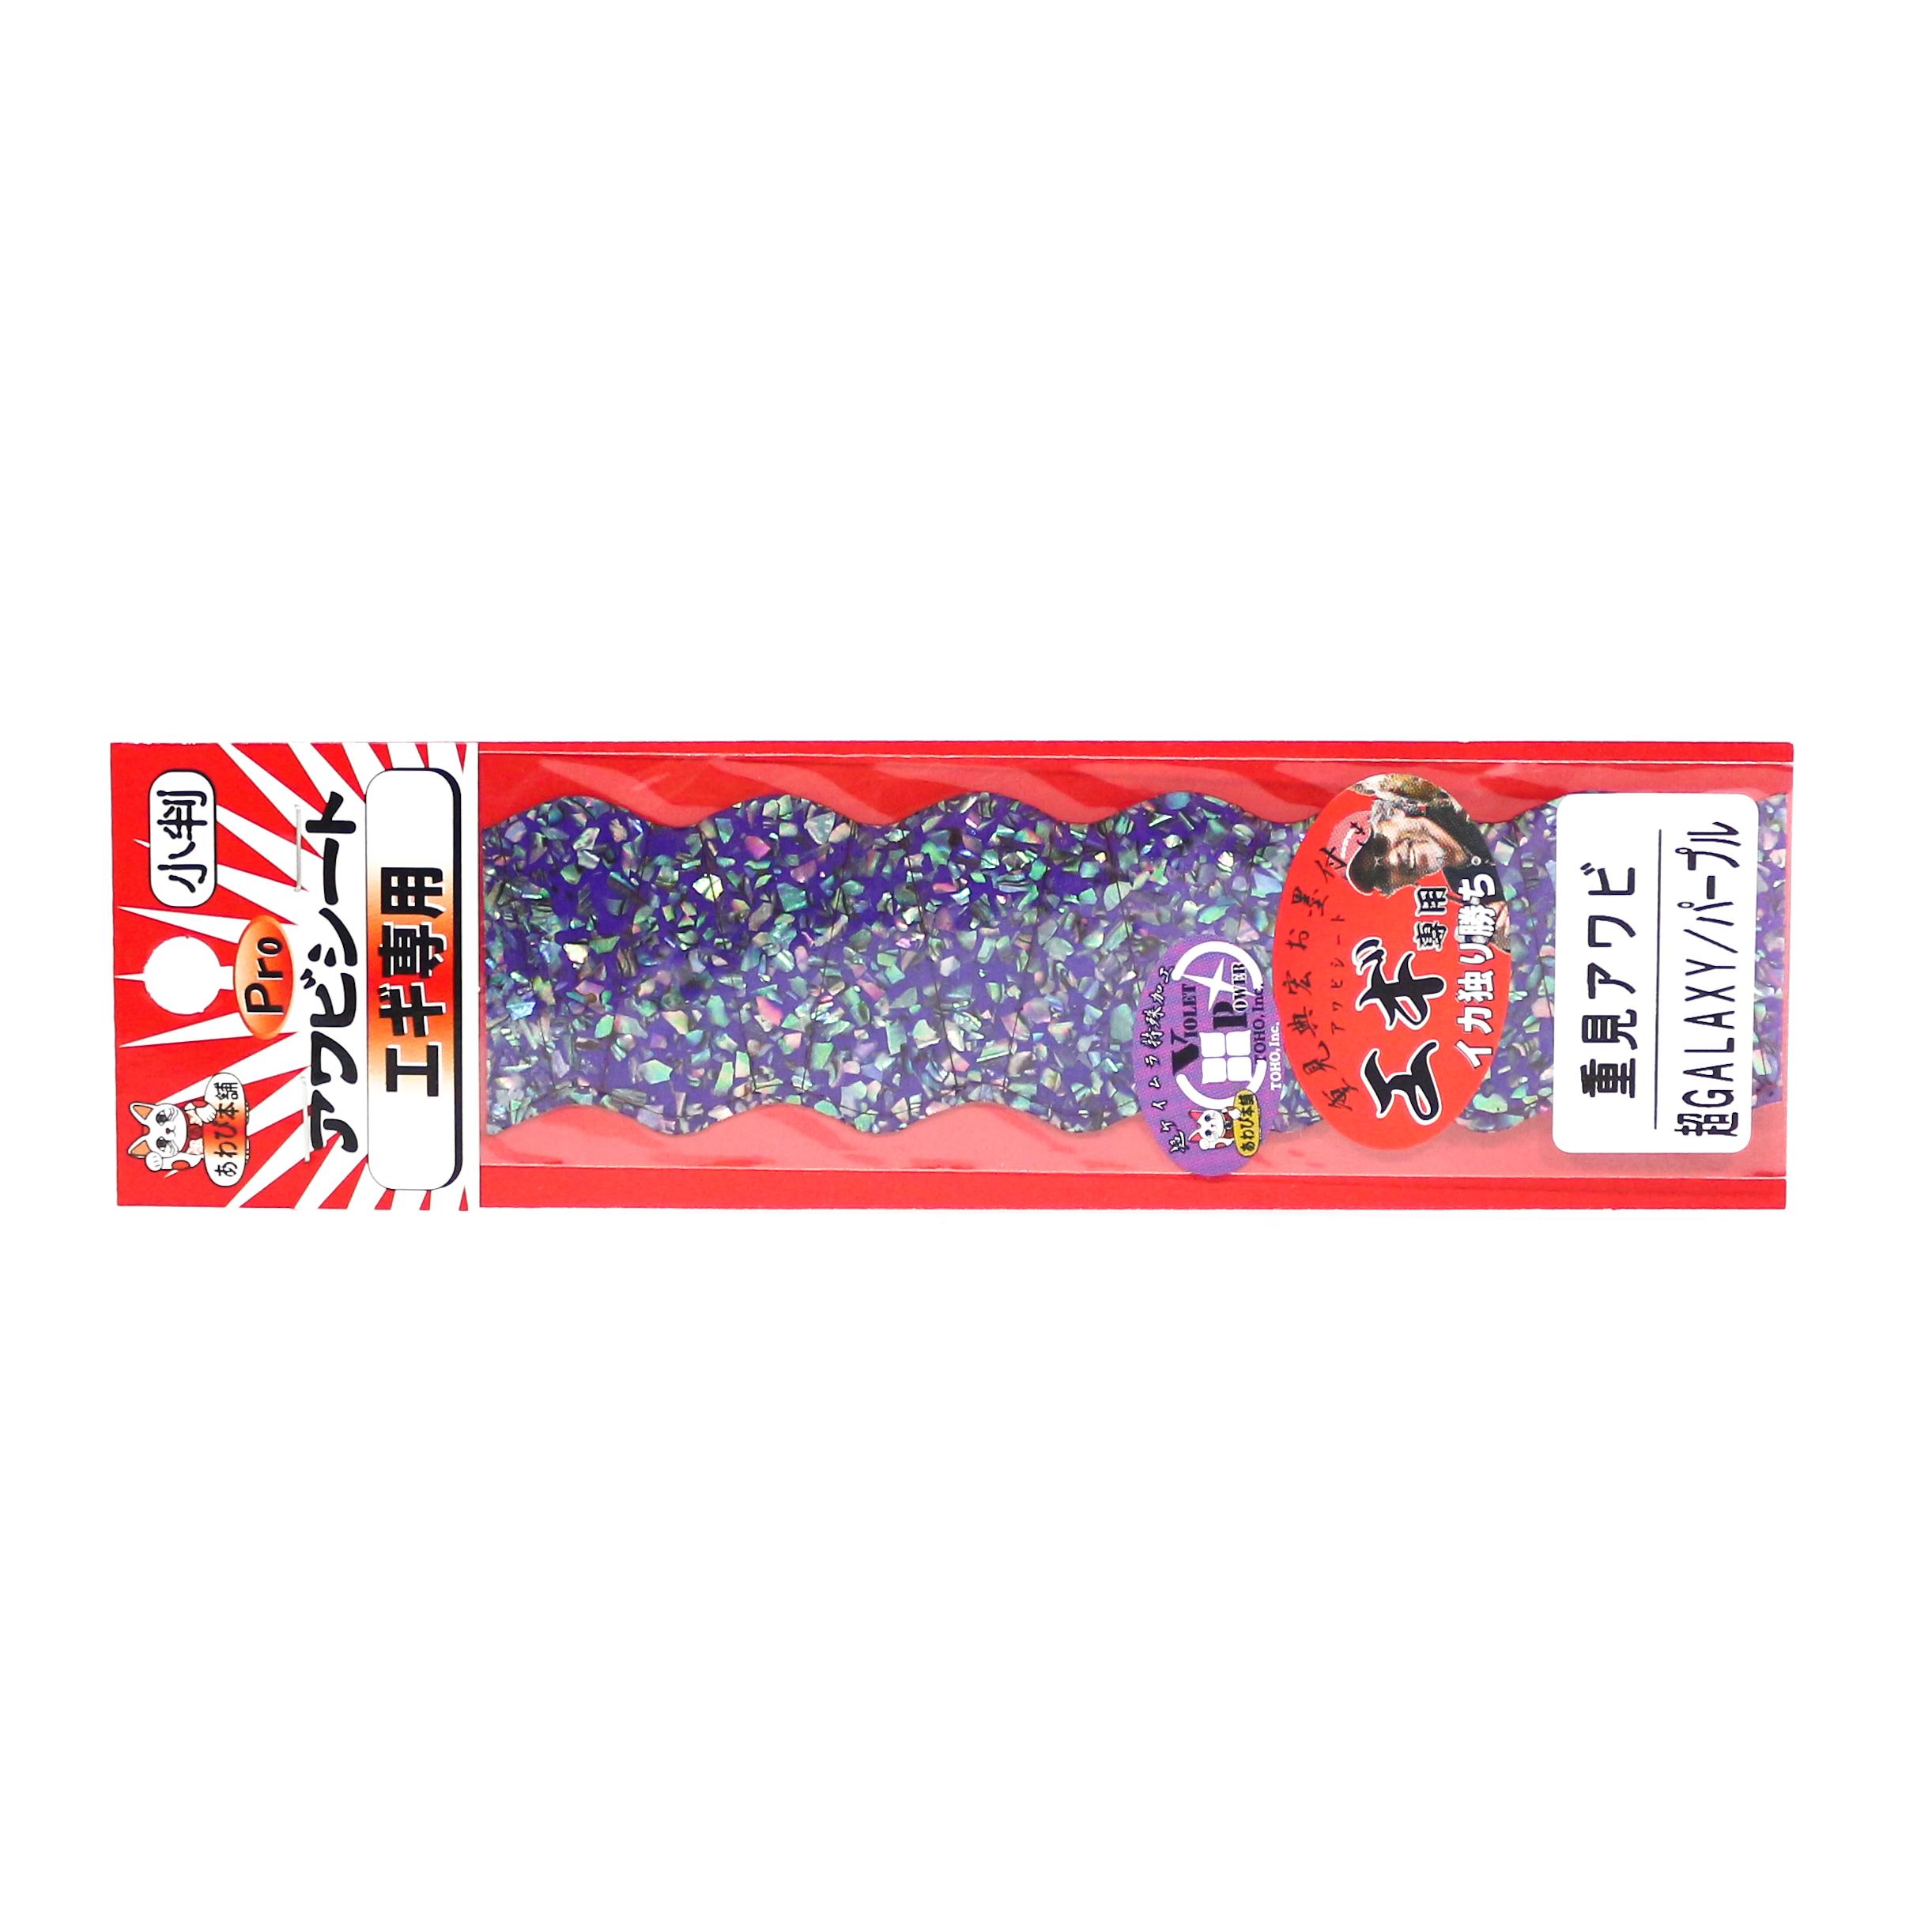 Awabi Honpo Pro Awabi Sheet Shigemi Size S 40 x 140 mm Galaxy/Purple (3146)